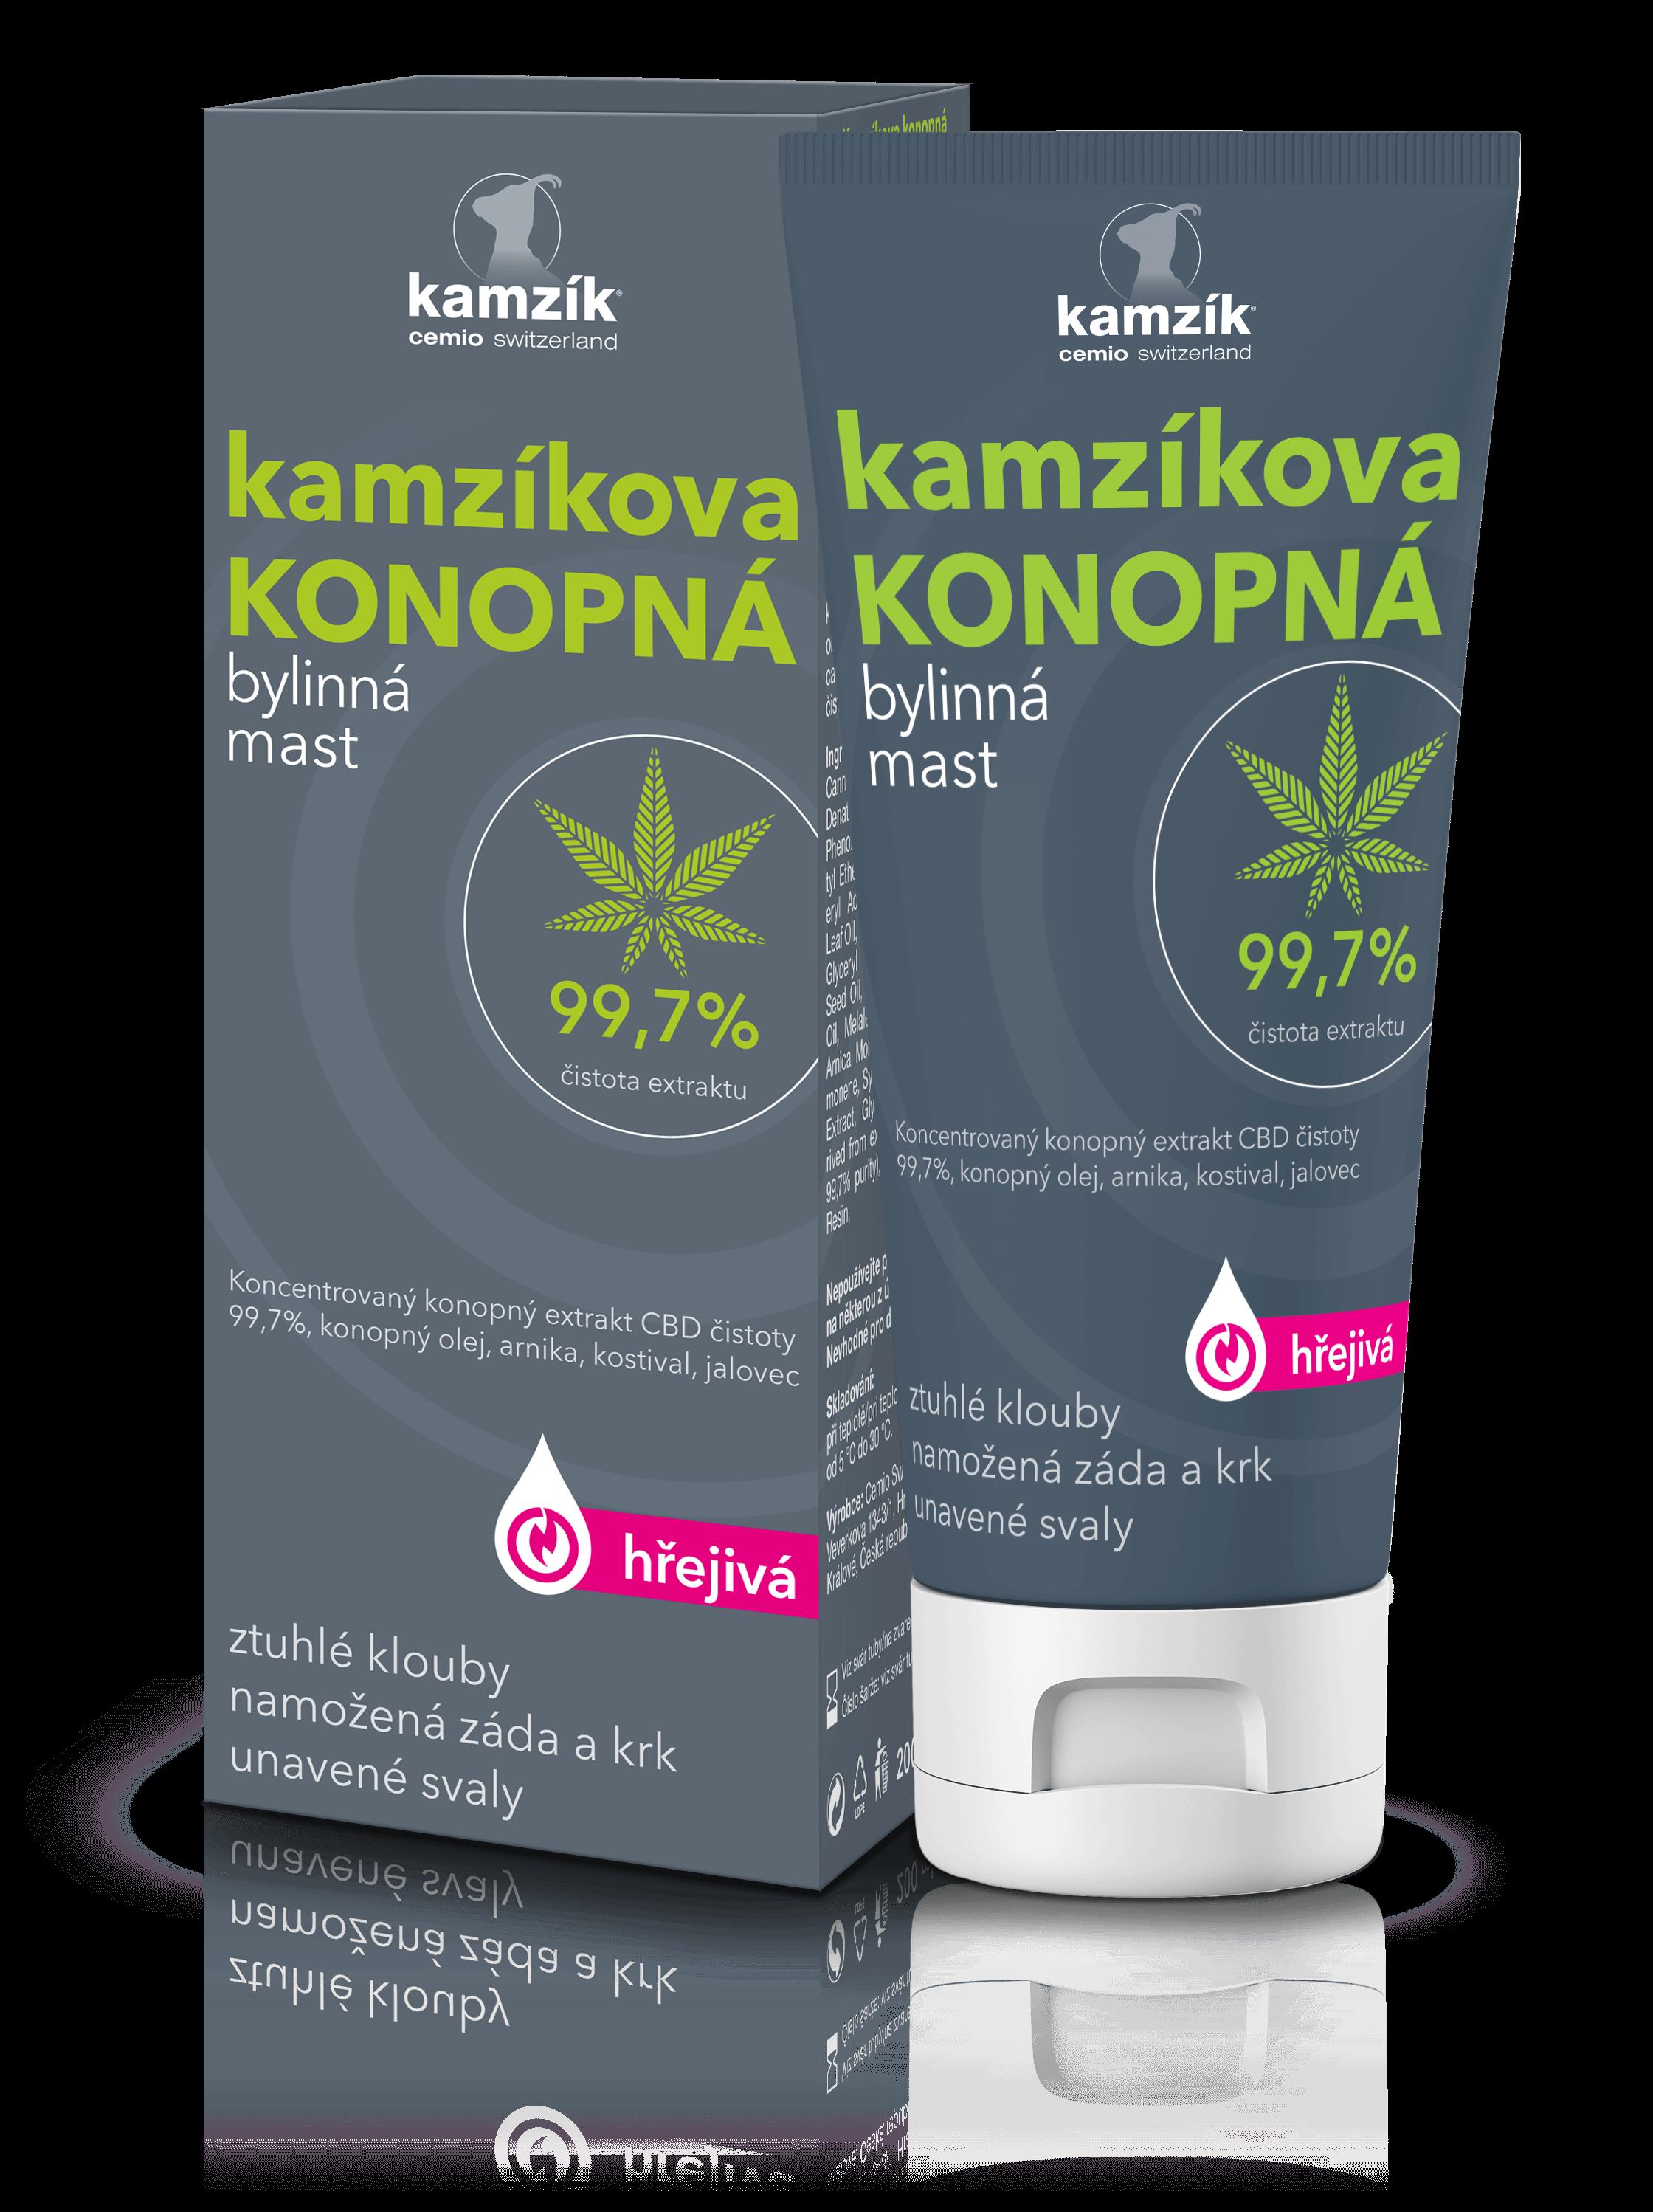 KAM_Konomast_hrejiva_CZ_tuba